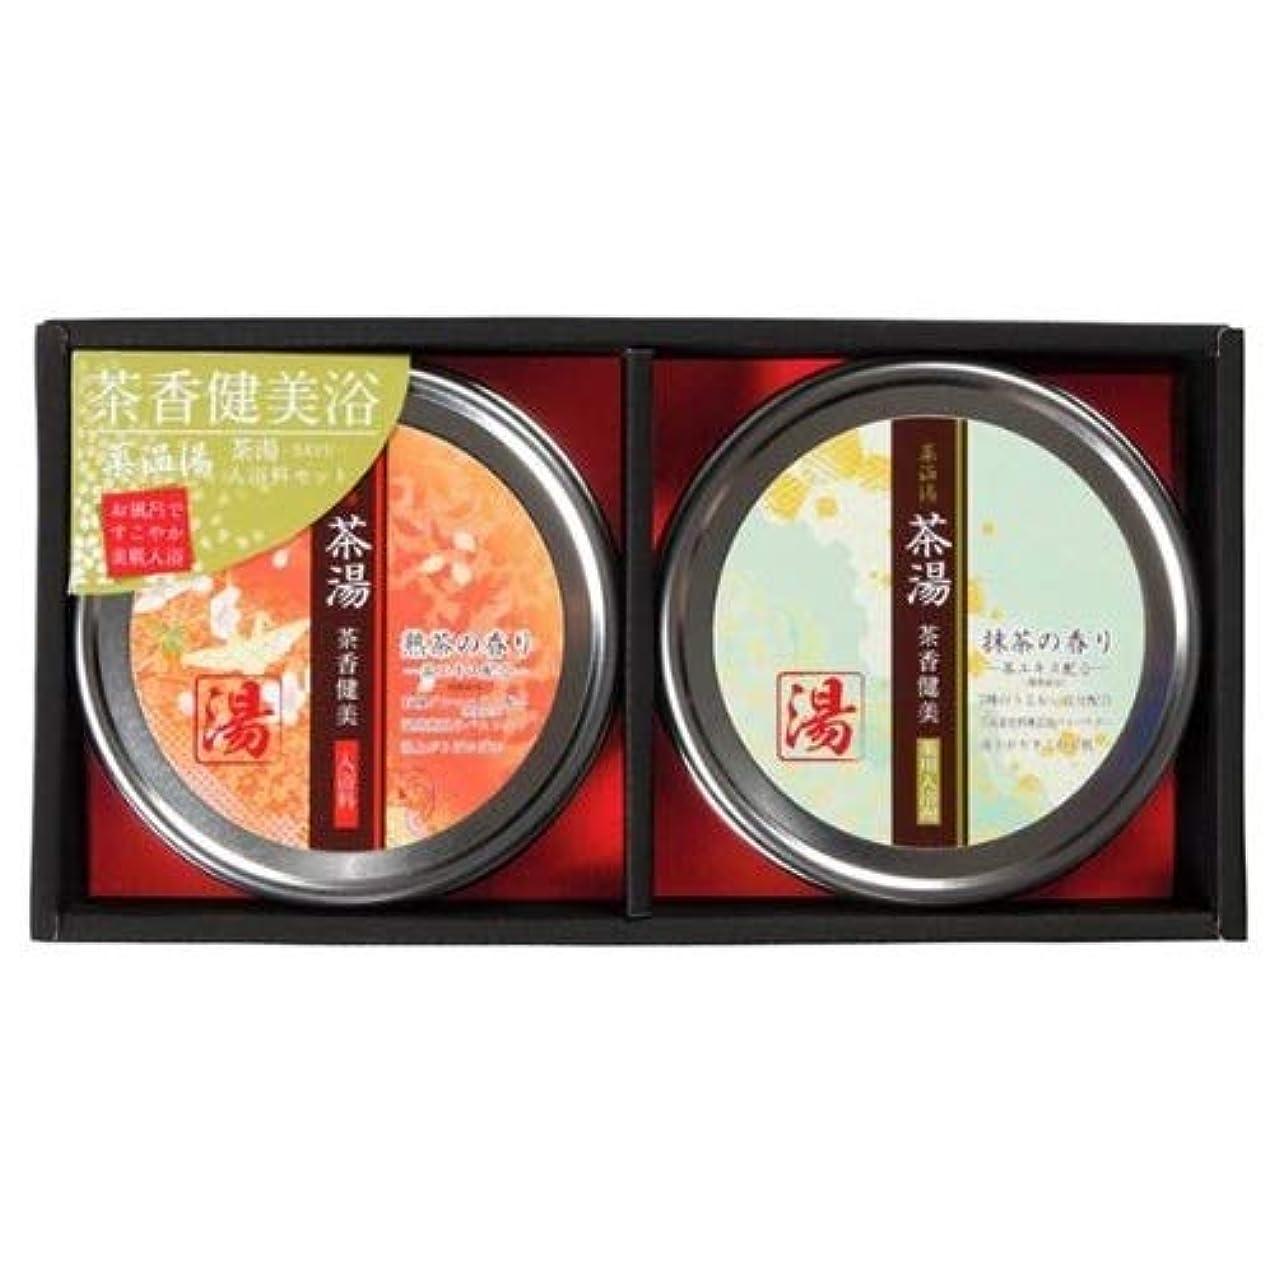 必要ない治安判事エンディング薬温湯 茶湯ギフトセット POF-20